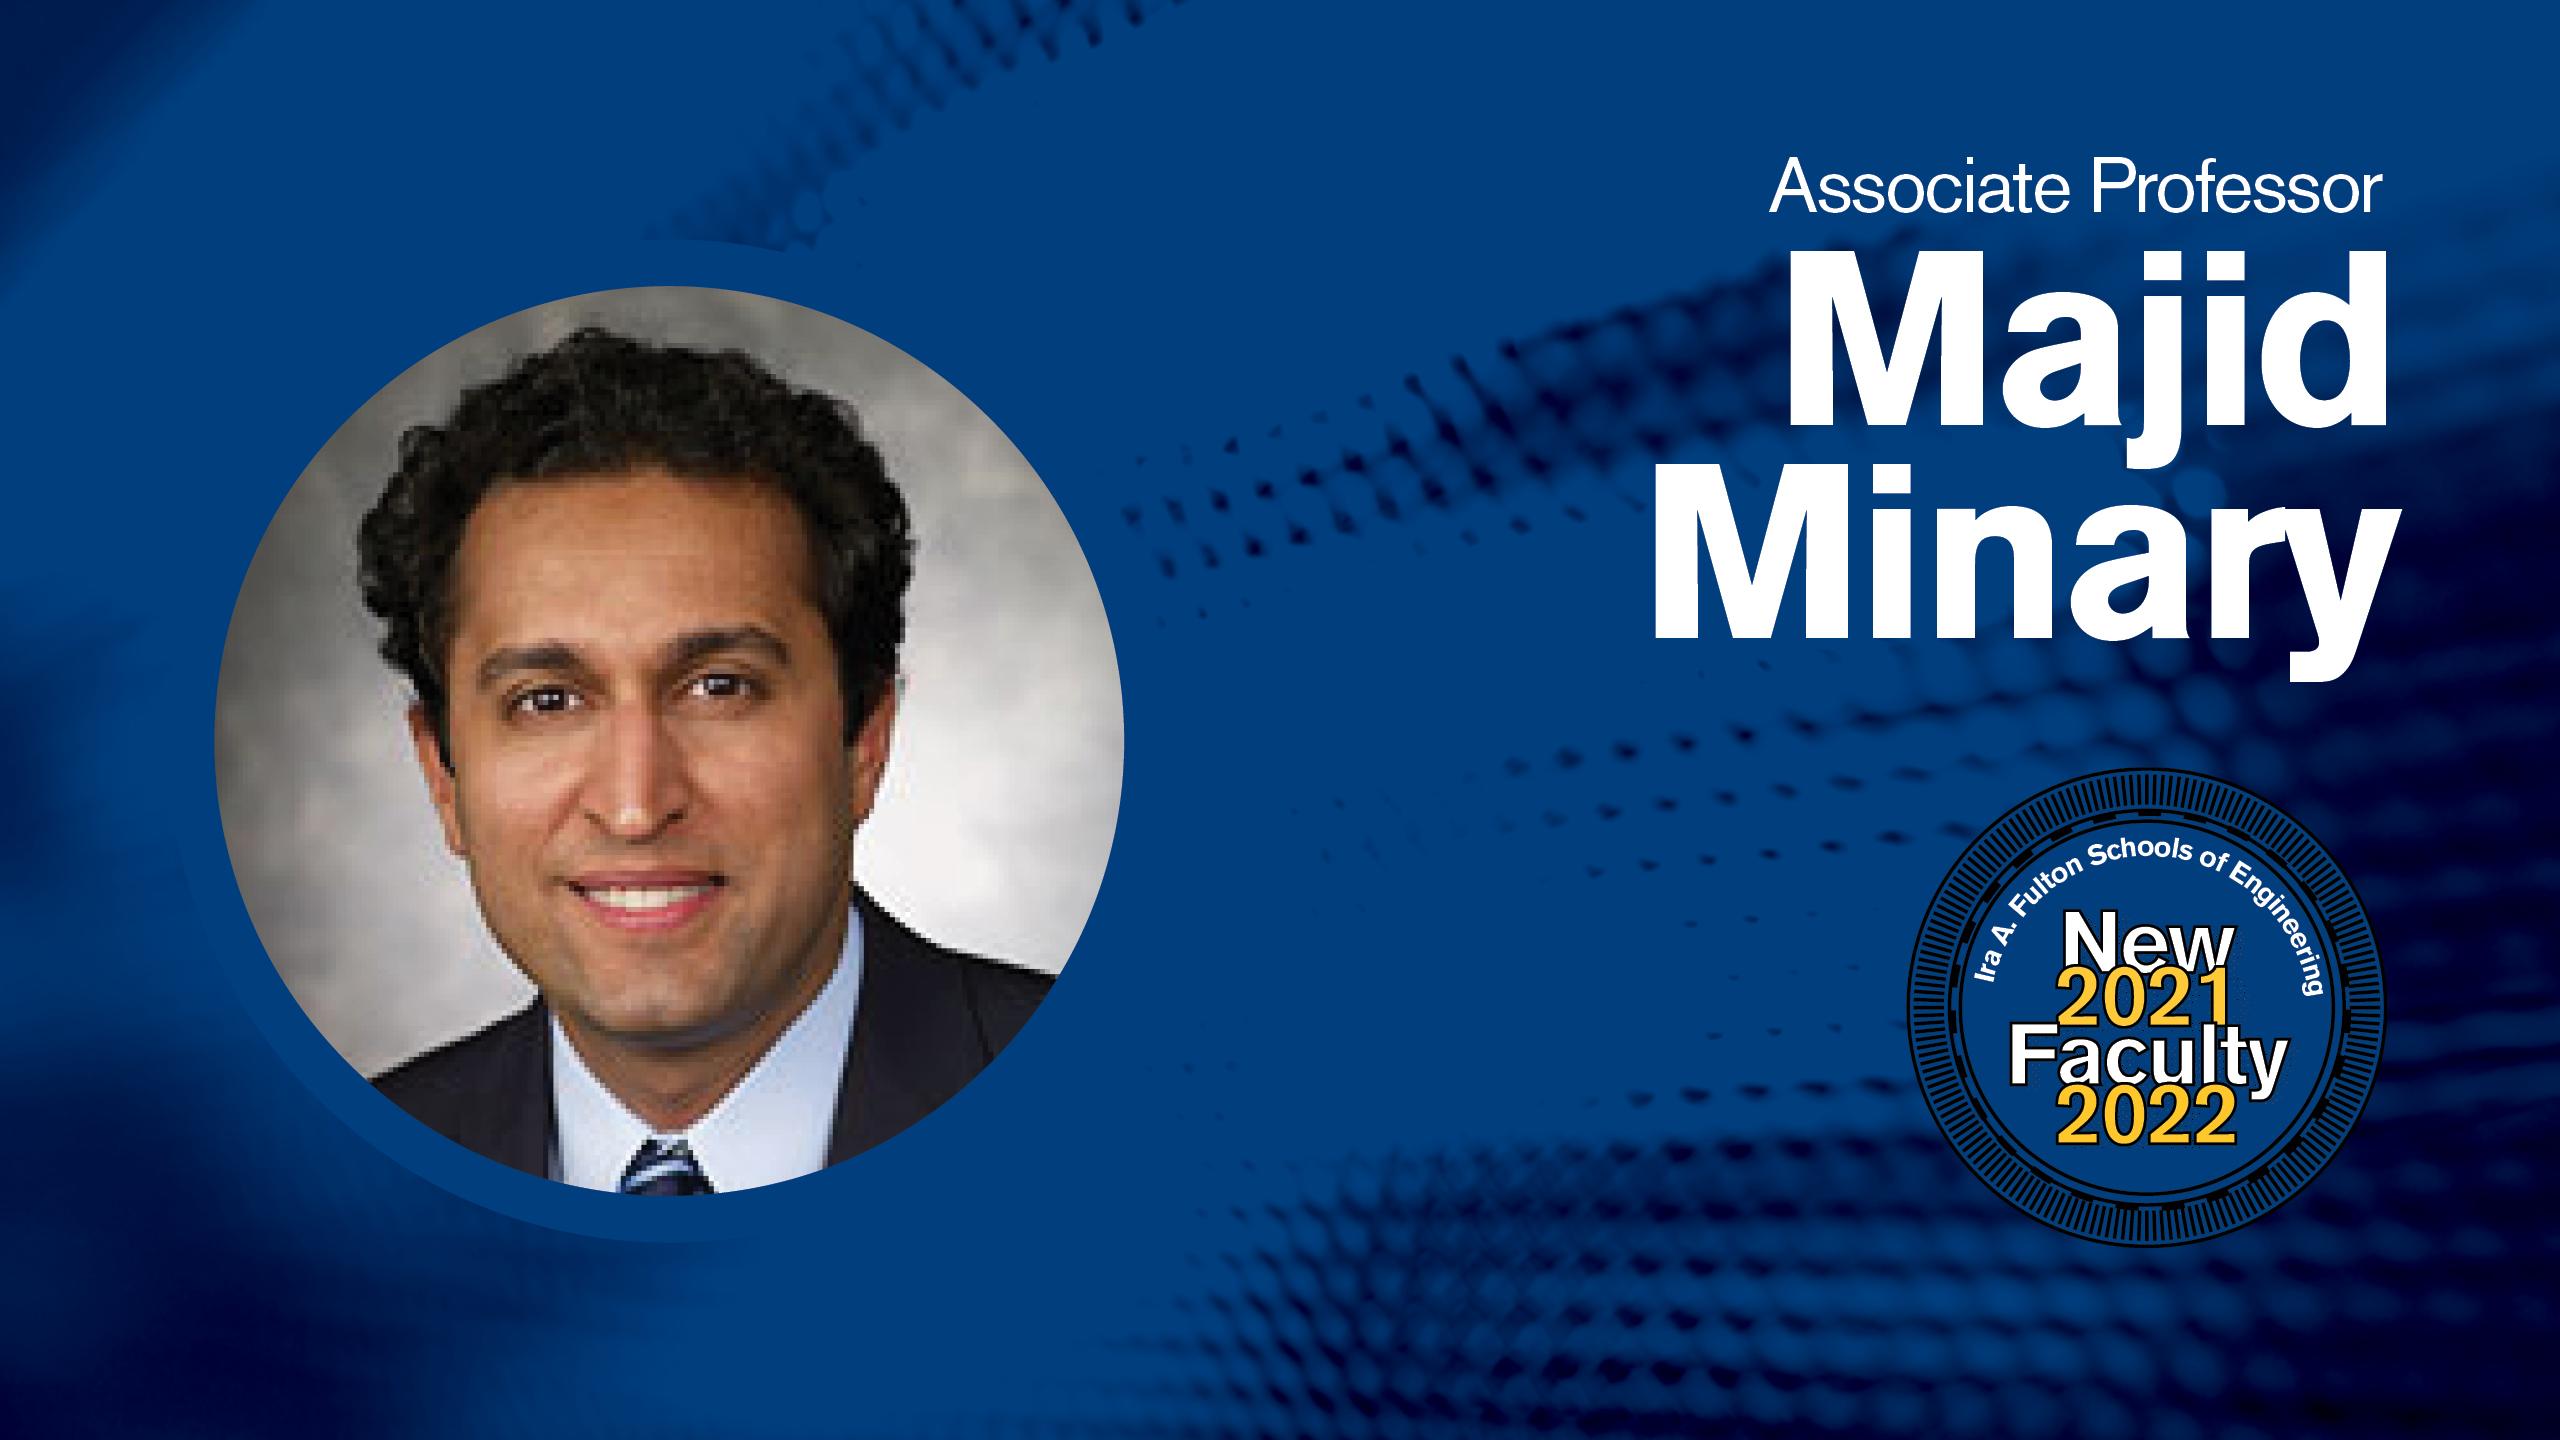 Majid Minary